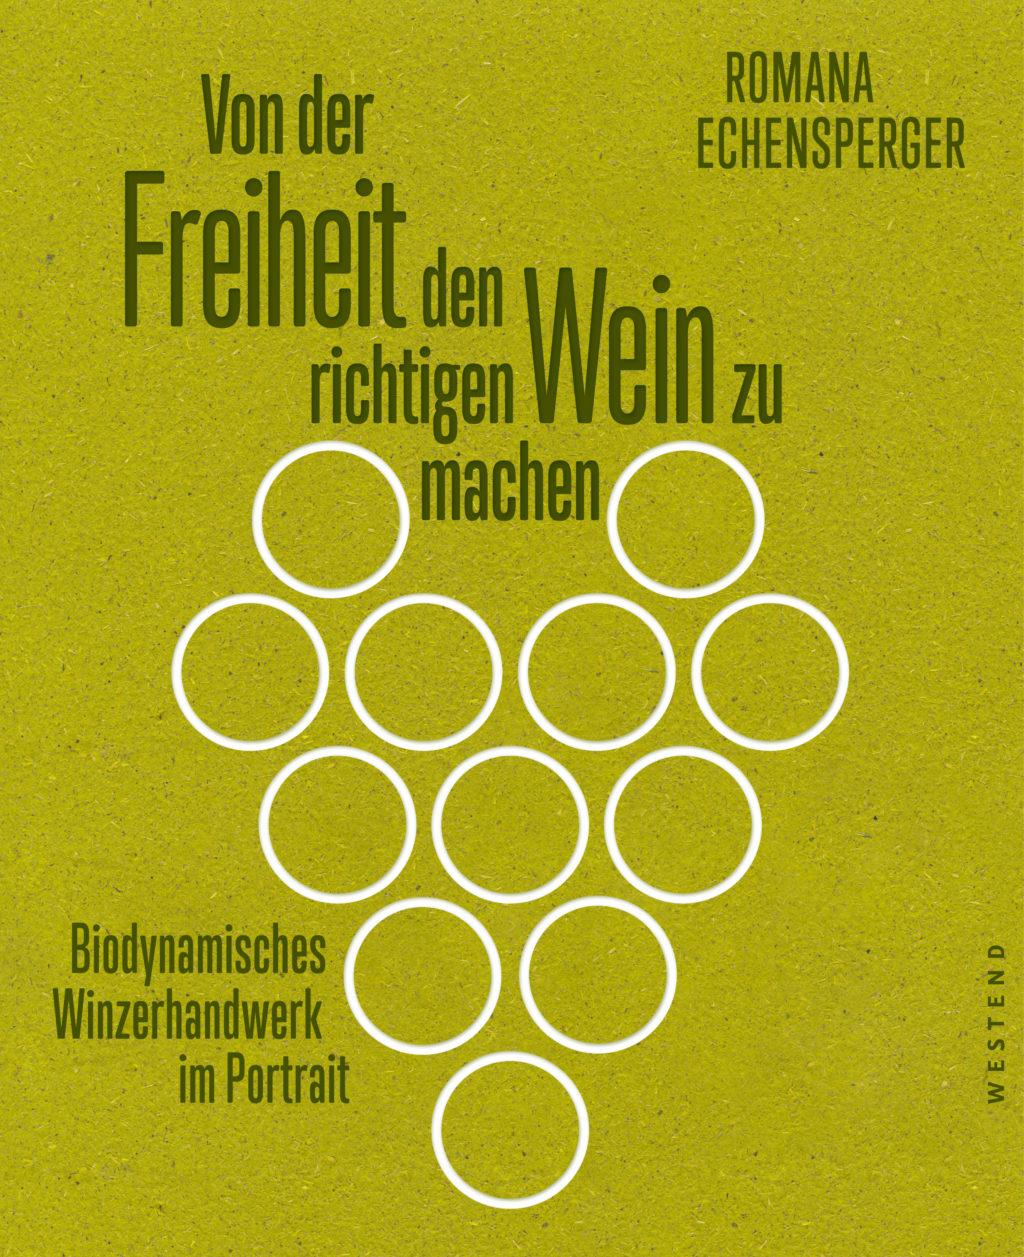 Buchcover Romana Echensperger